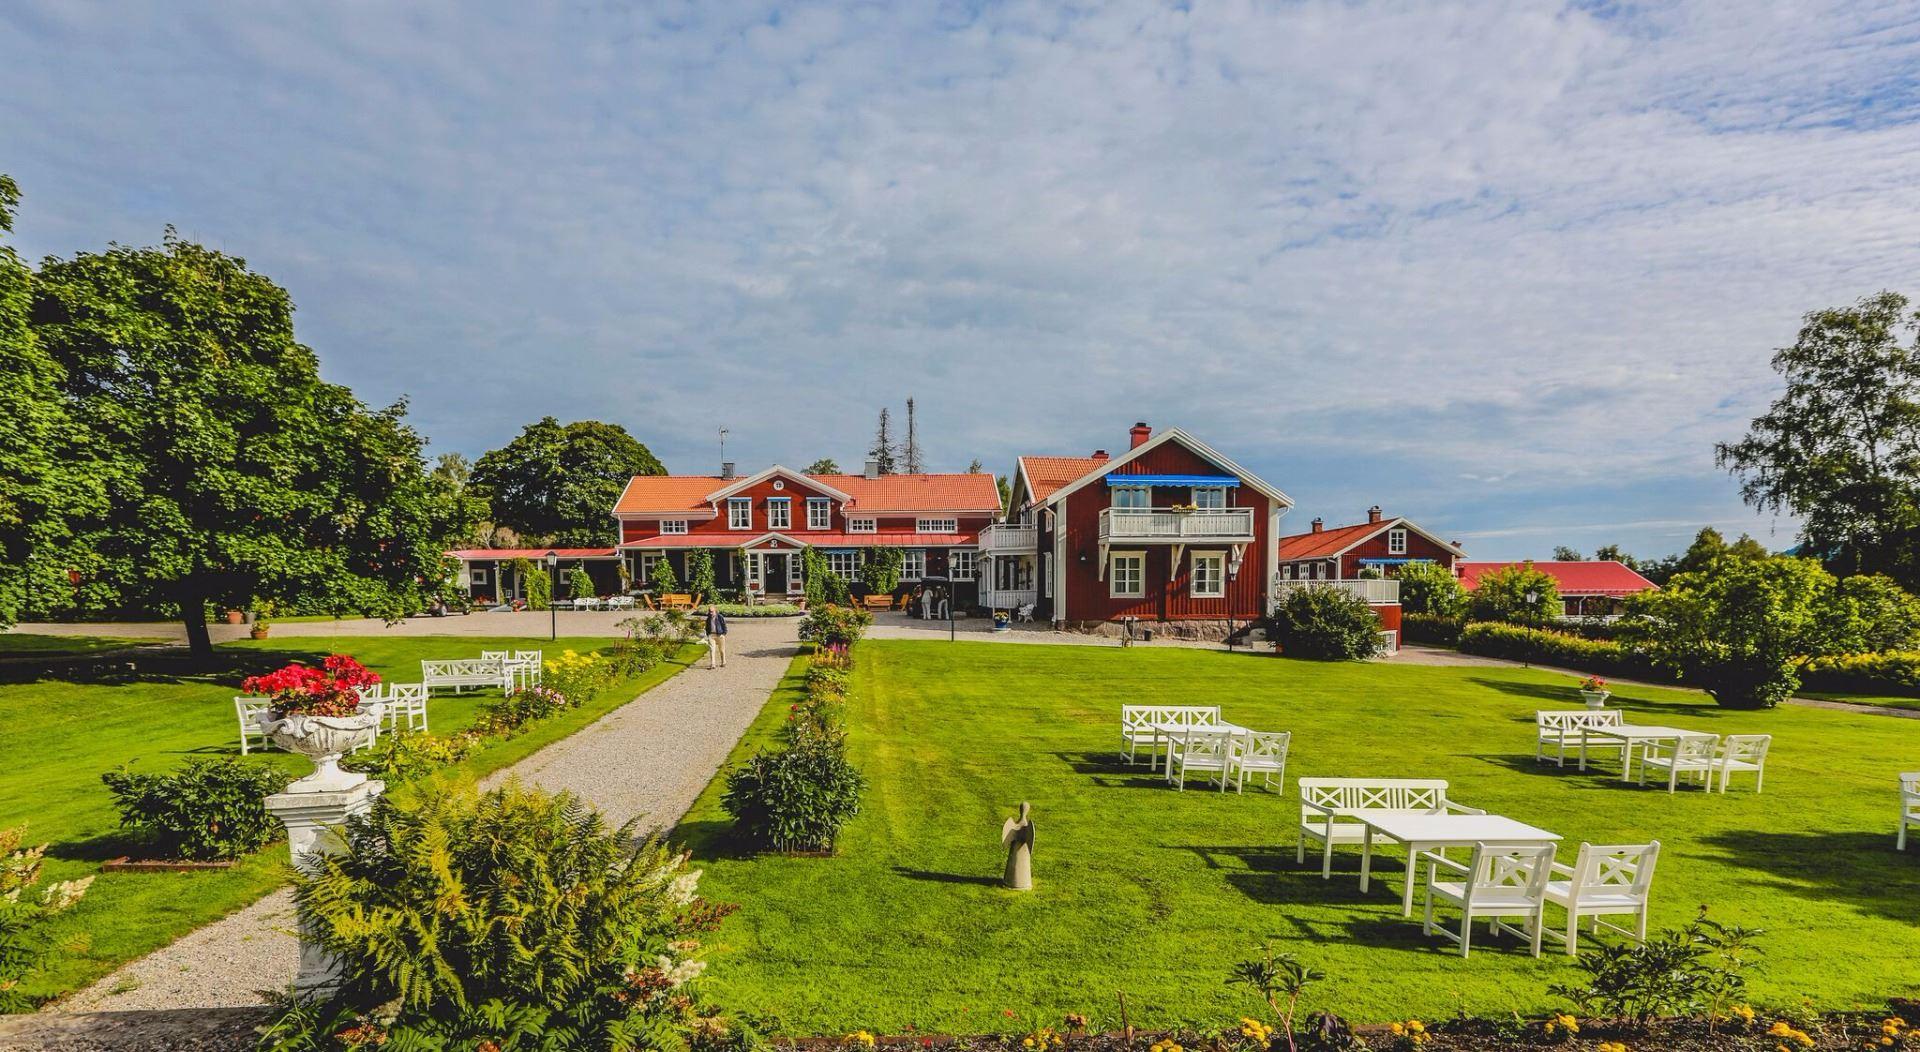 Järvsöbaden Hotell Konferenshotell & Spa